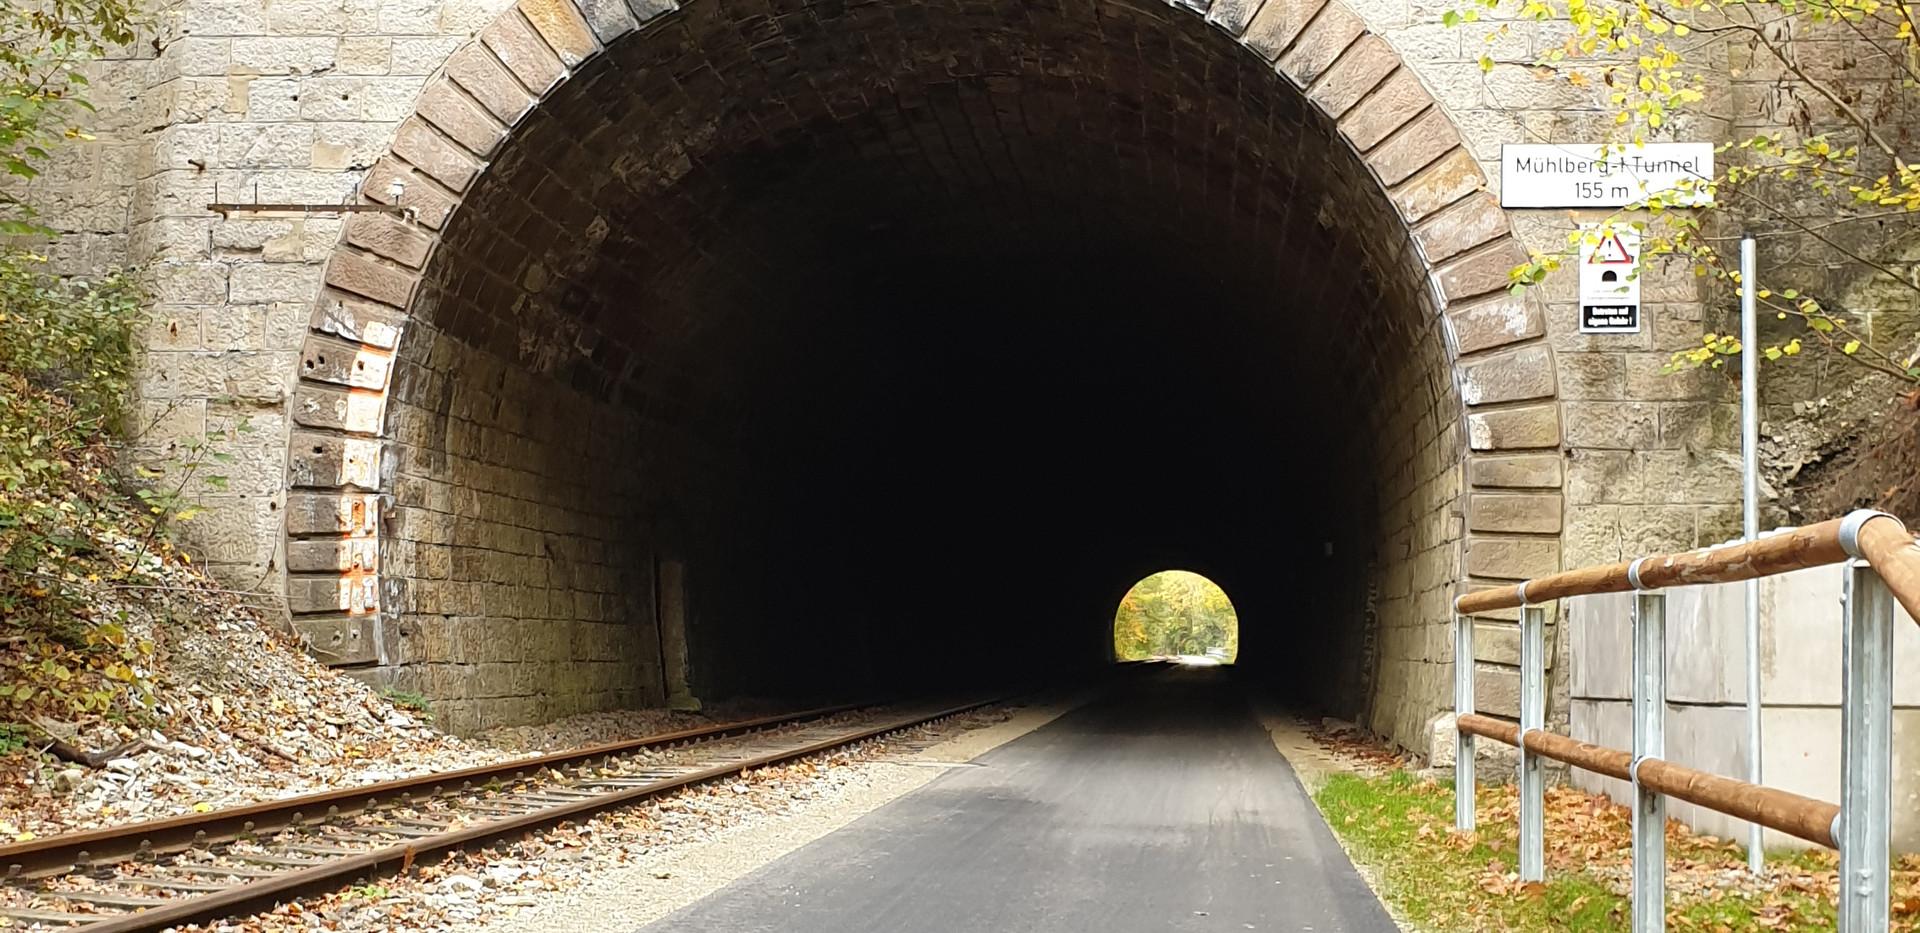 Mühlberg I Tunnel 155 Meter